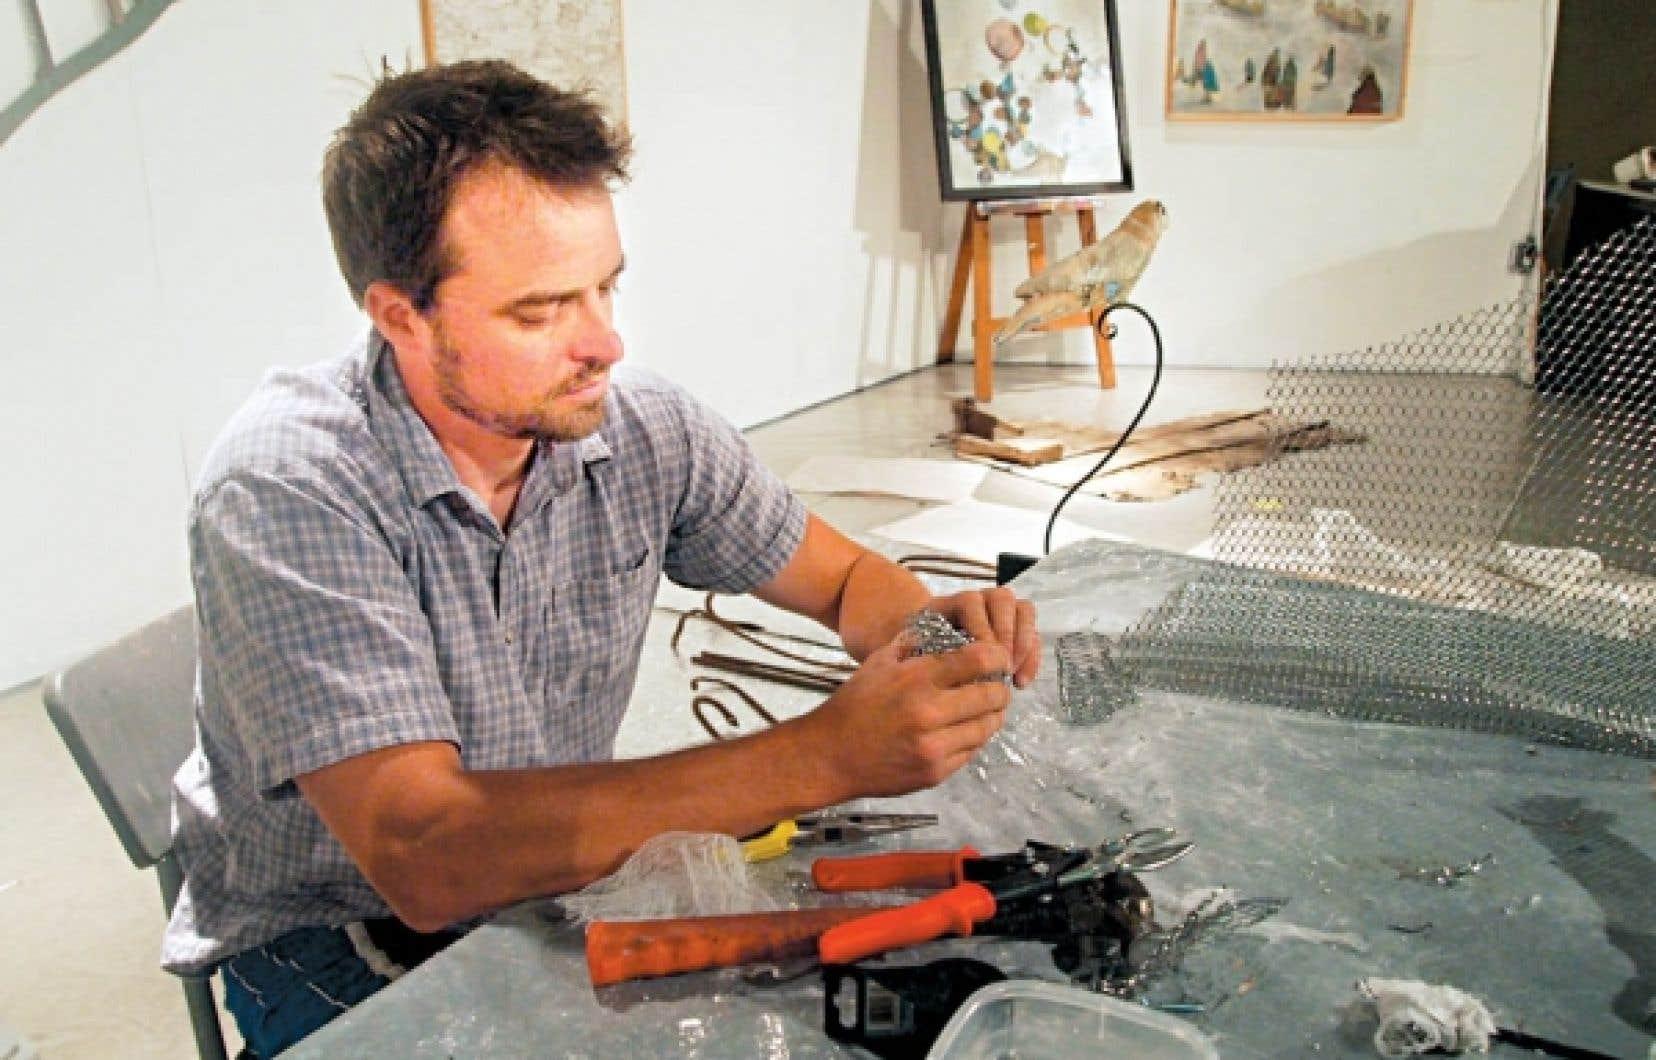 Le sculpteur et peintre Jimmy Perron, des &Eacute;boulements, au travail<br />